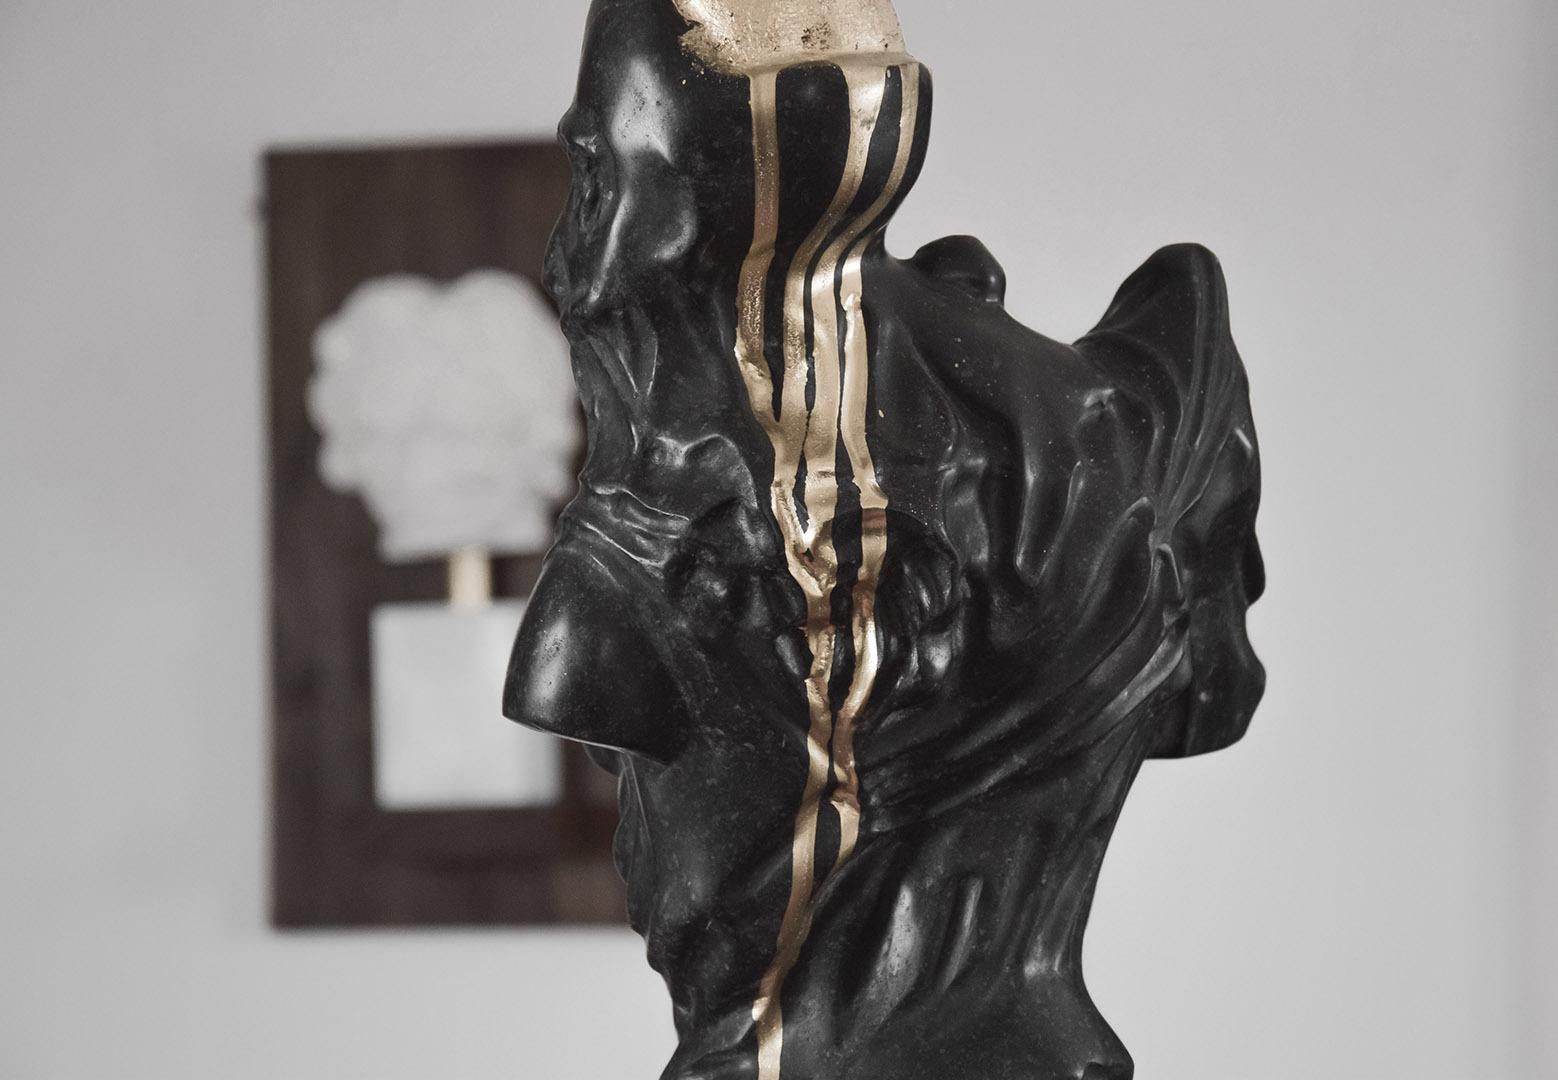 Golden-Head-Detail-2019-KalksteinskulpturGraffiti-24x17x58cm-8.700€